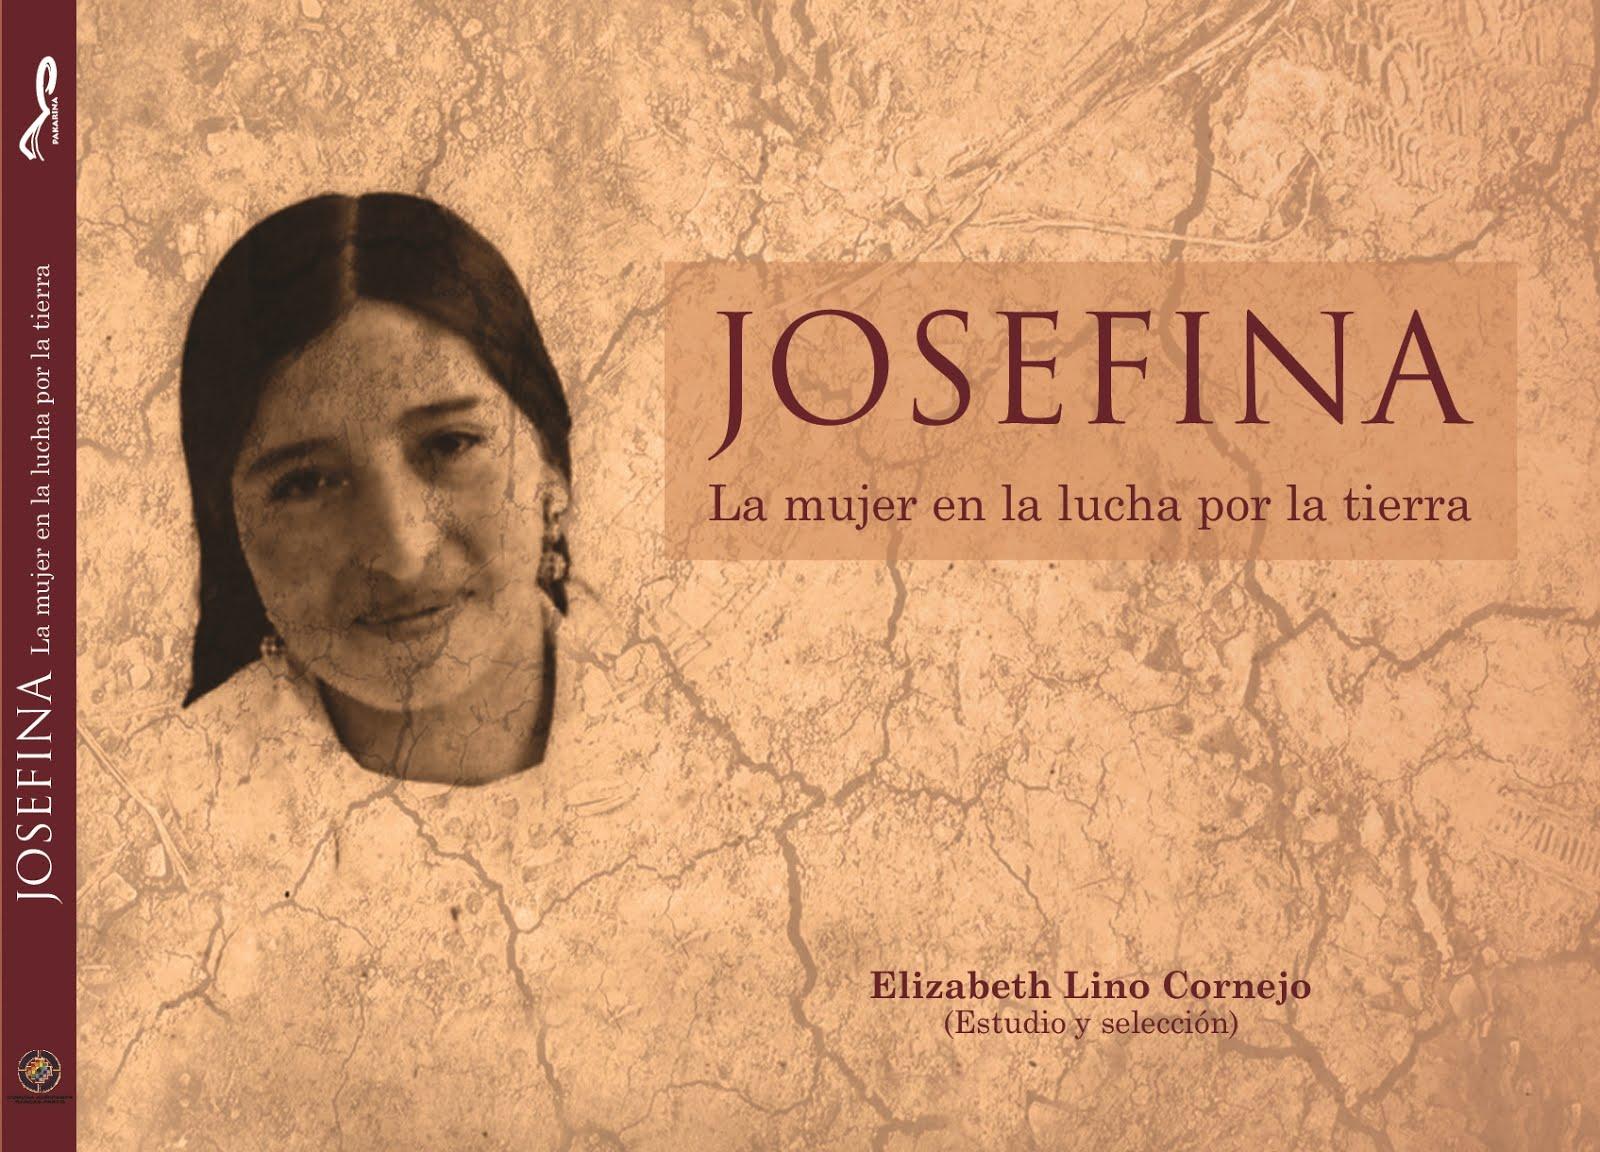 JOSEFINA, la mujer en la lucha por la tierra